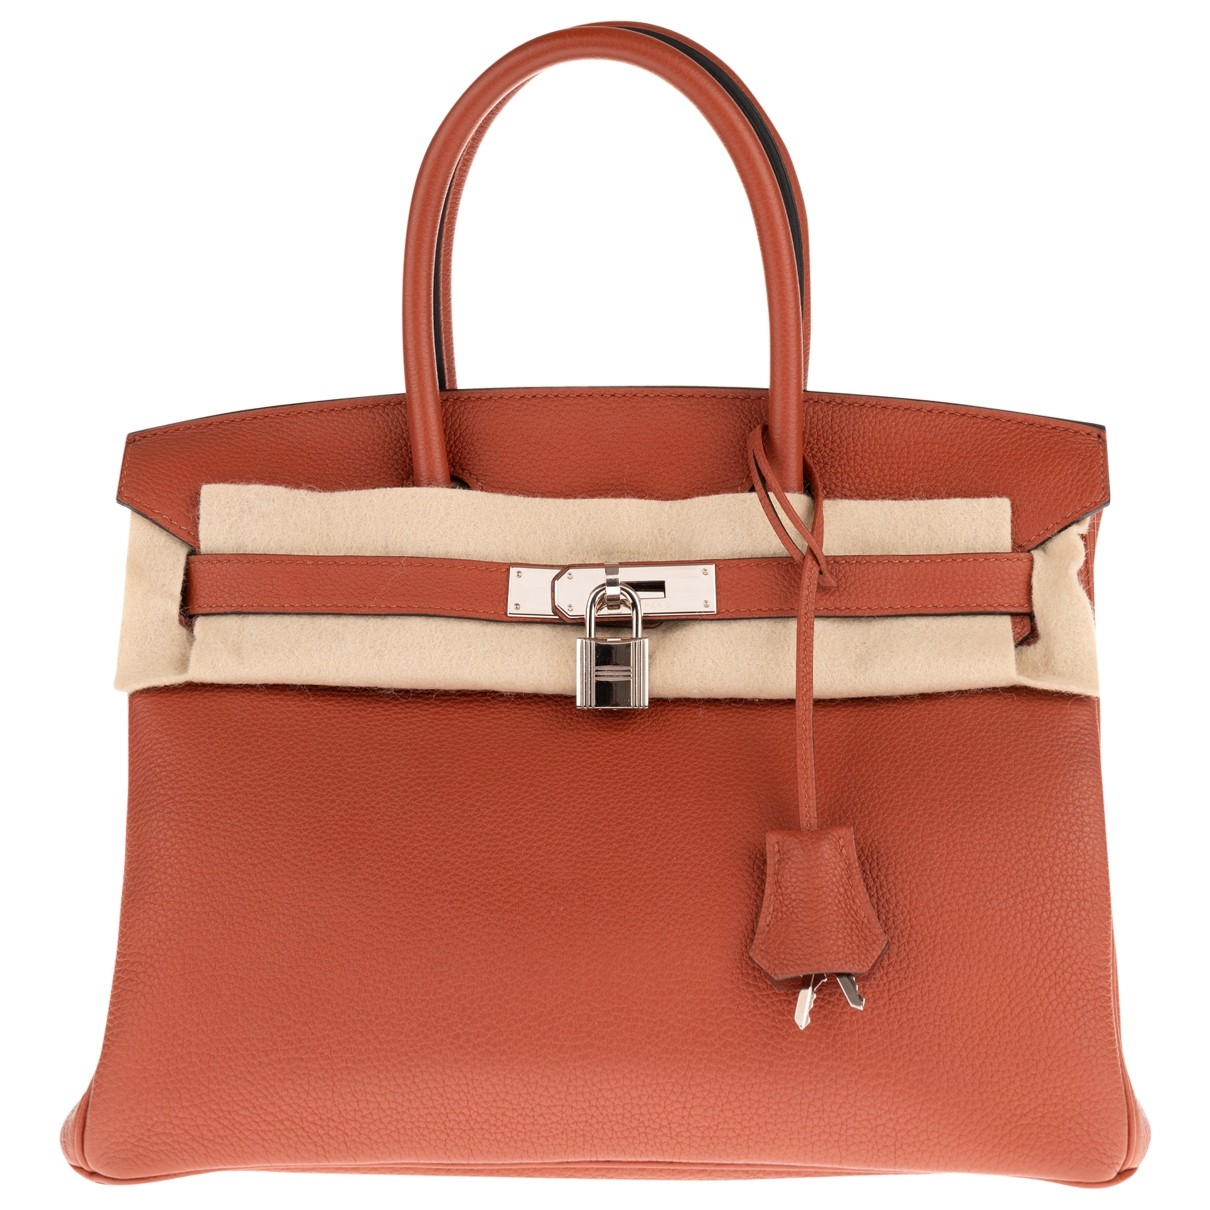 Hermes Birkin 30 Handtasche in Leder